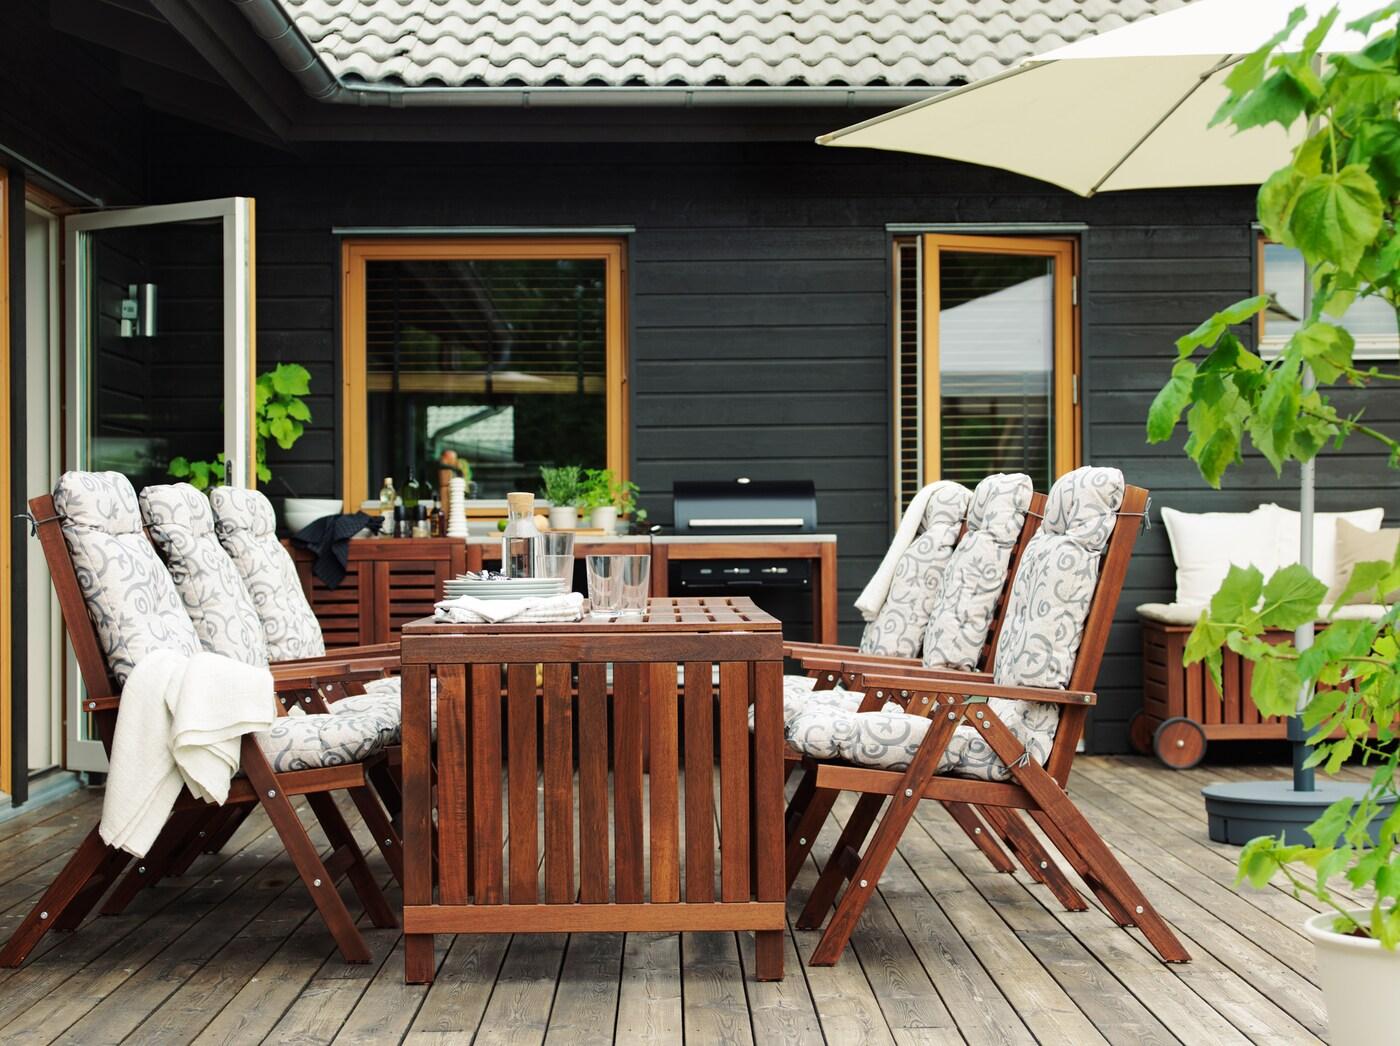 Däck med sex positionsstolar med dynor runt ett träbord samt en svart grill i bakgrunden.